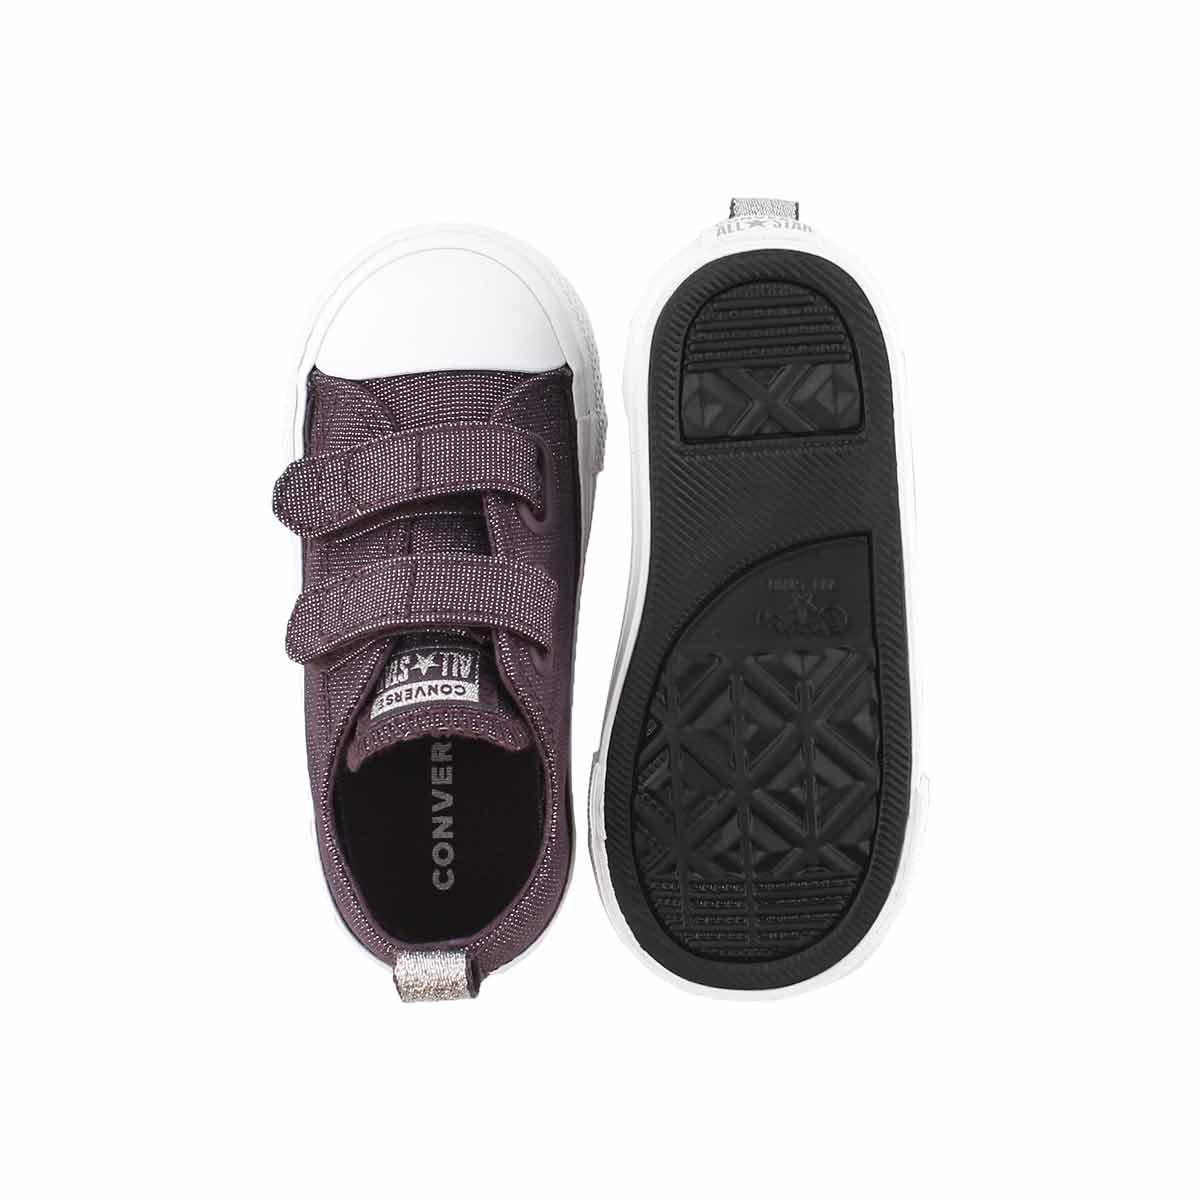 Infs-g CTAS 2V dusk purple sneaker